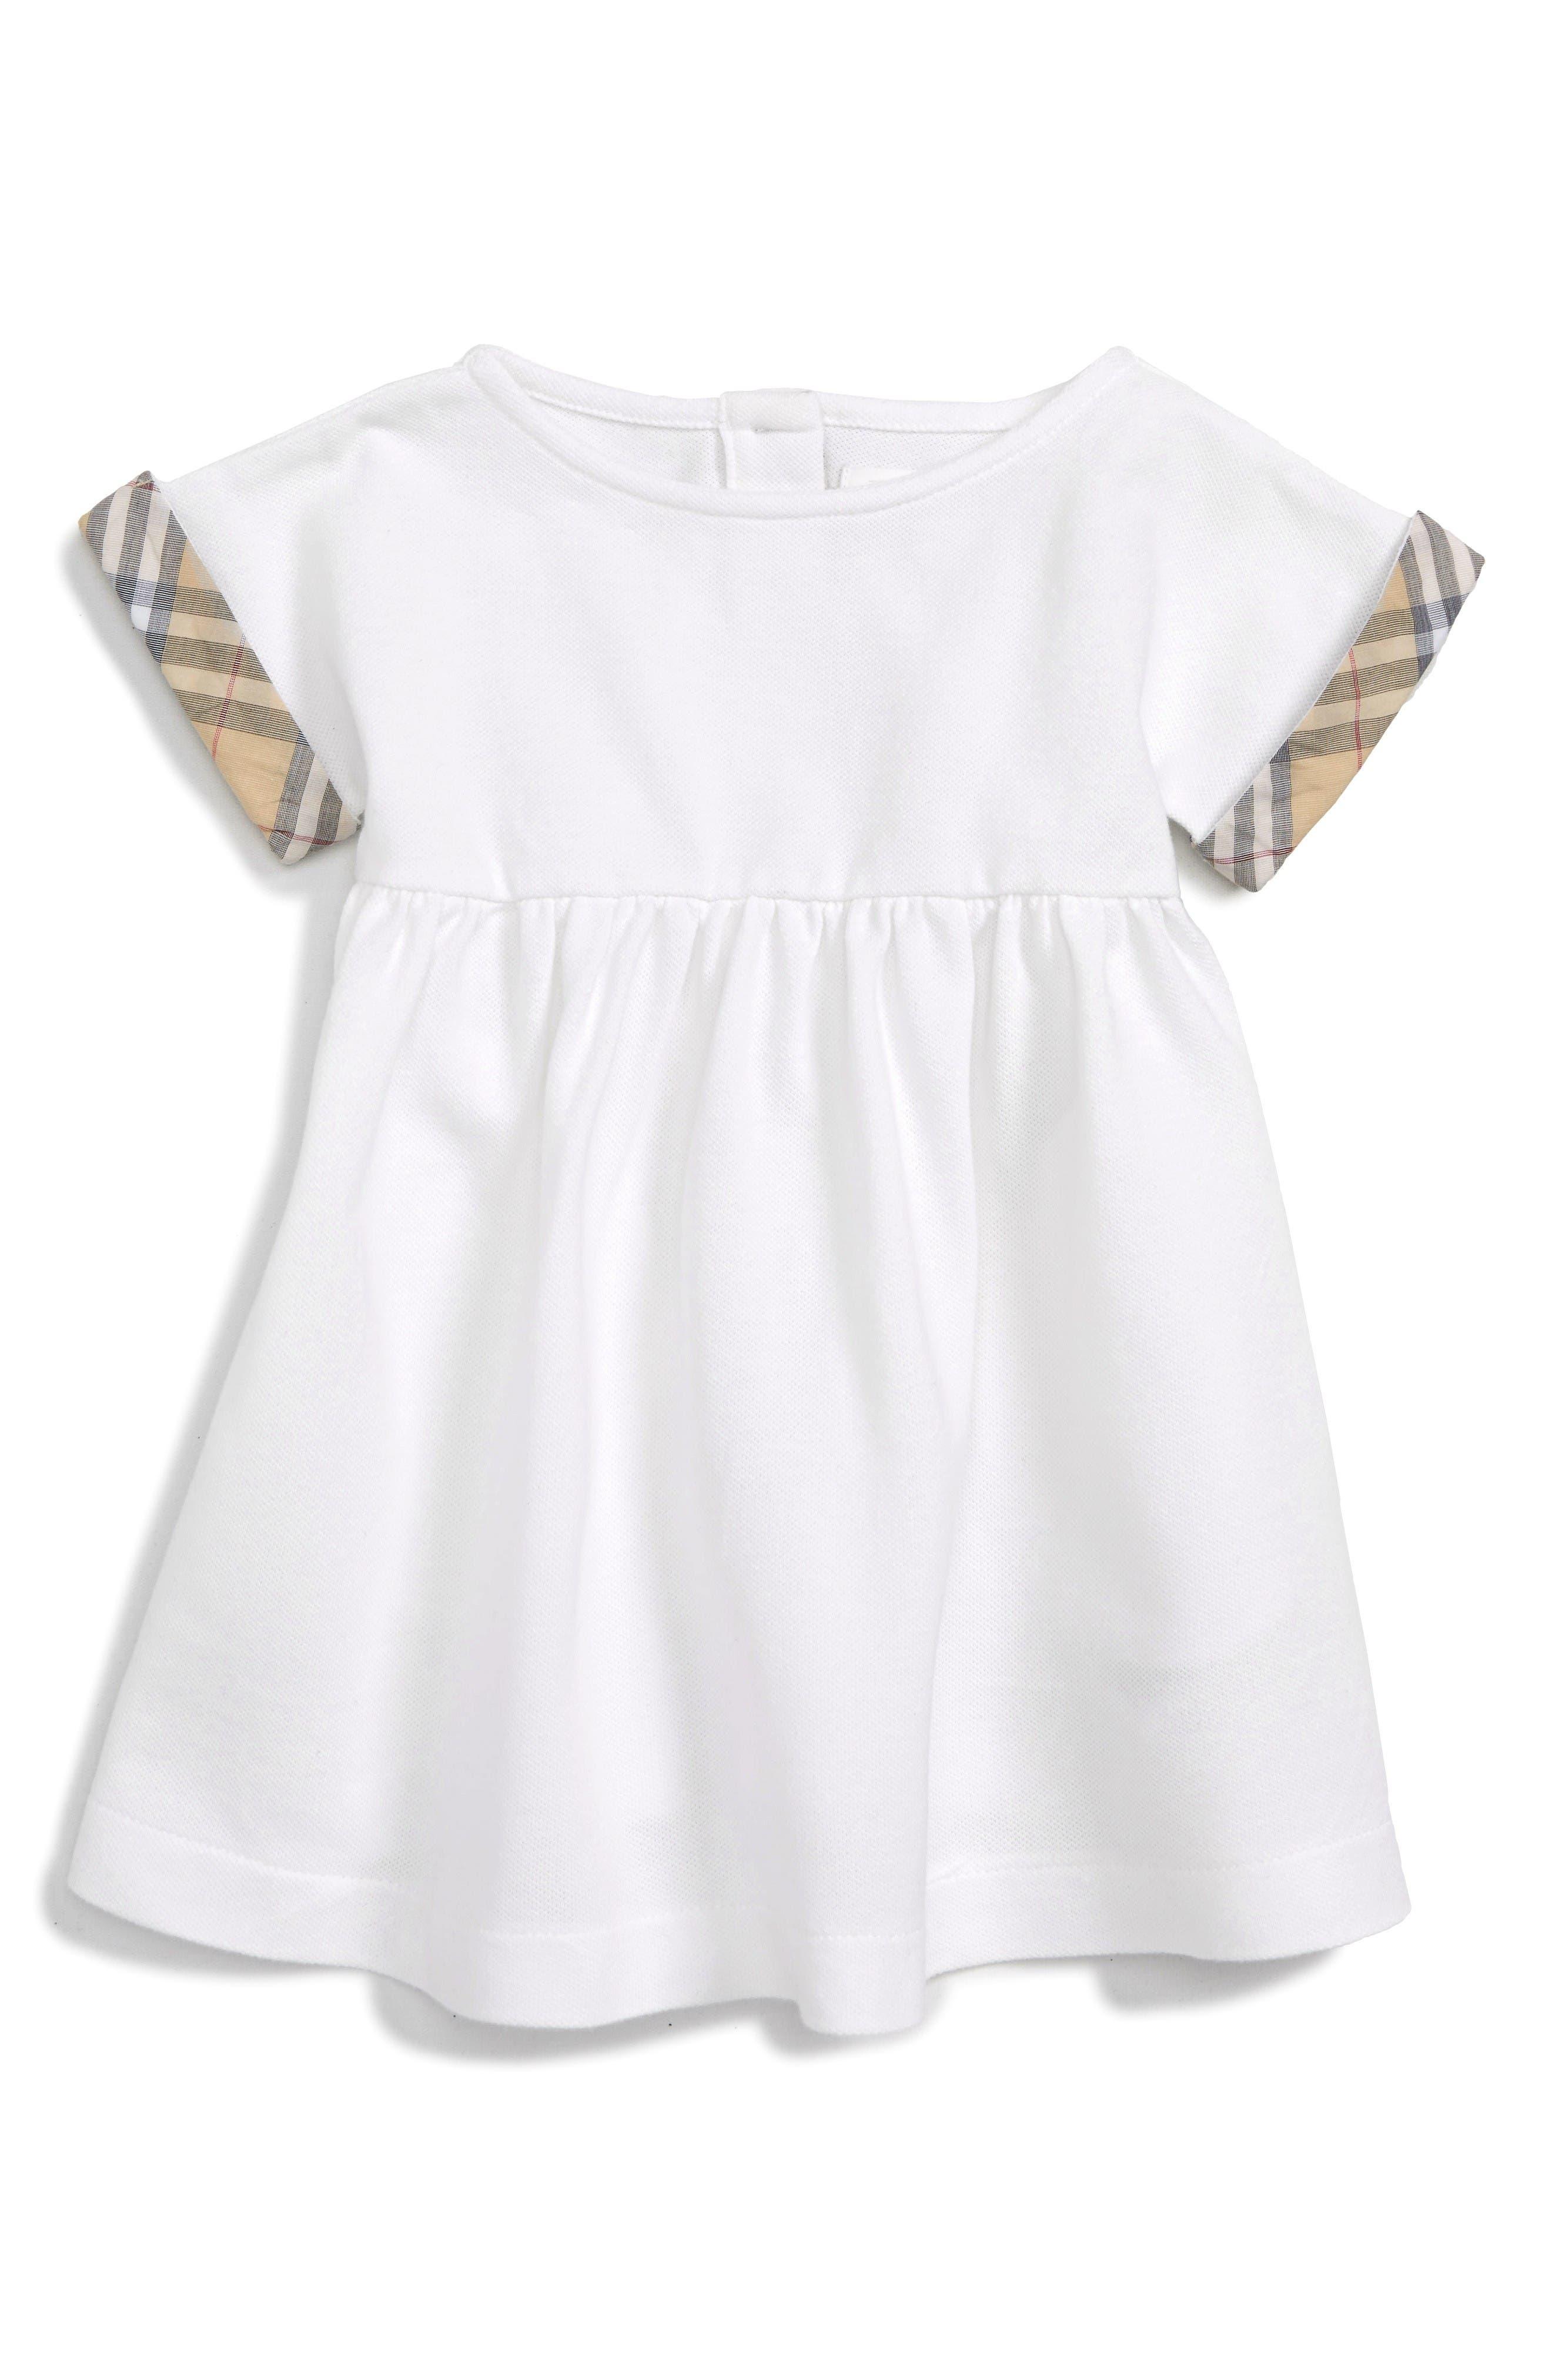 Jen Check Cuff Dress,                         Main,                         color, White